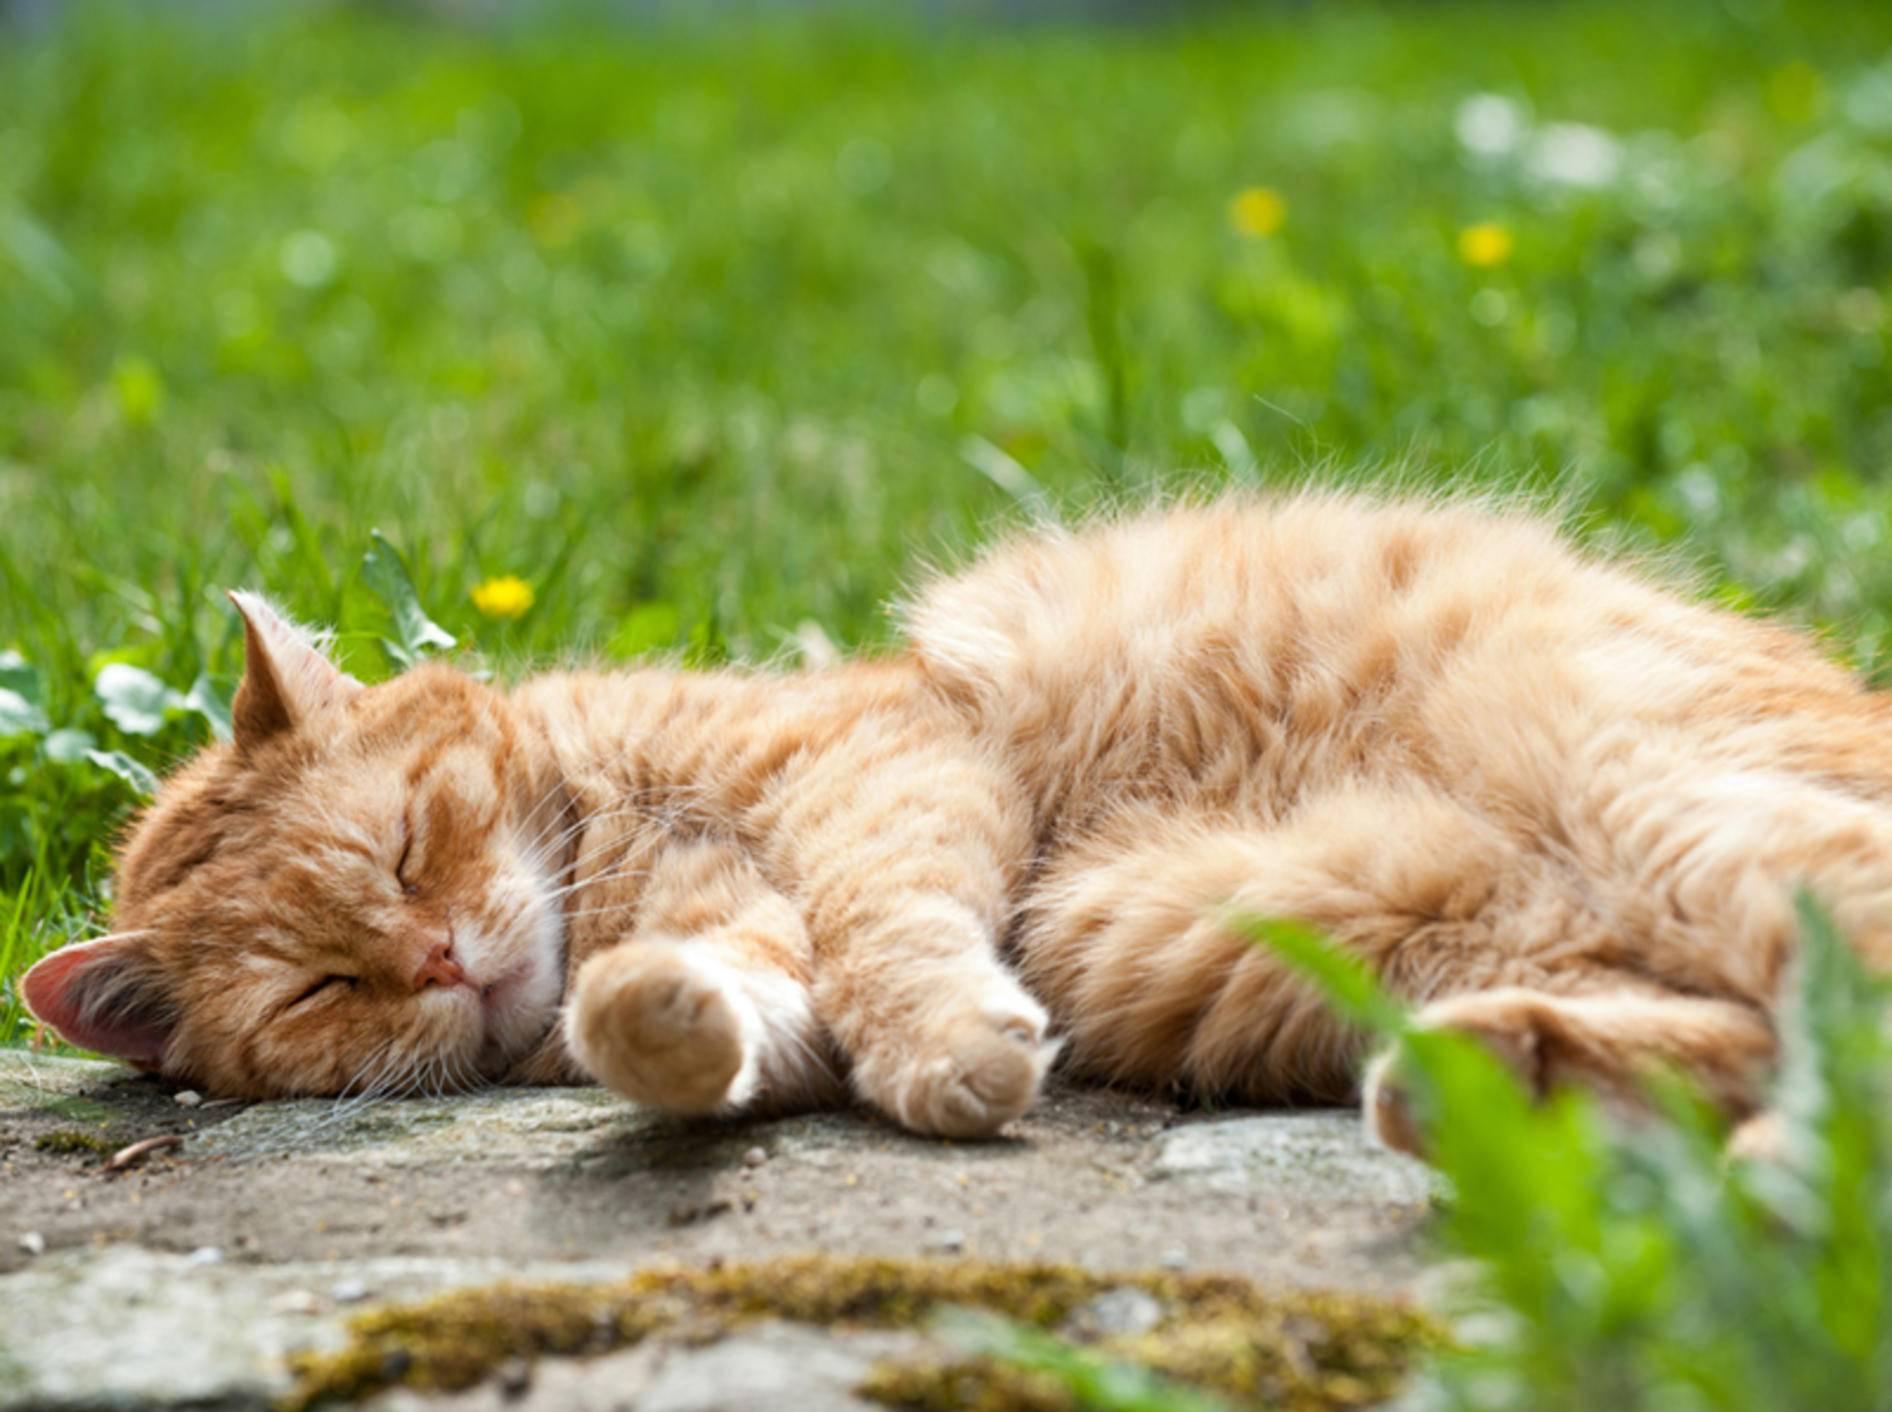 Ob Ihre Katze blind ist, erkennen Sie an verschiedenen Anzeichen – Bild: Shutterstock / Dora Zett